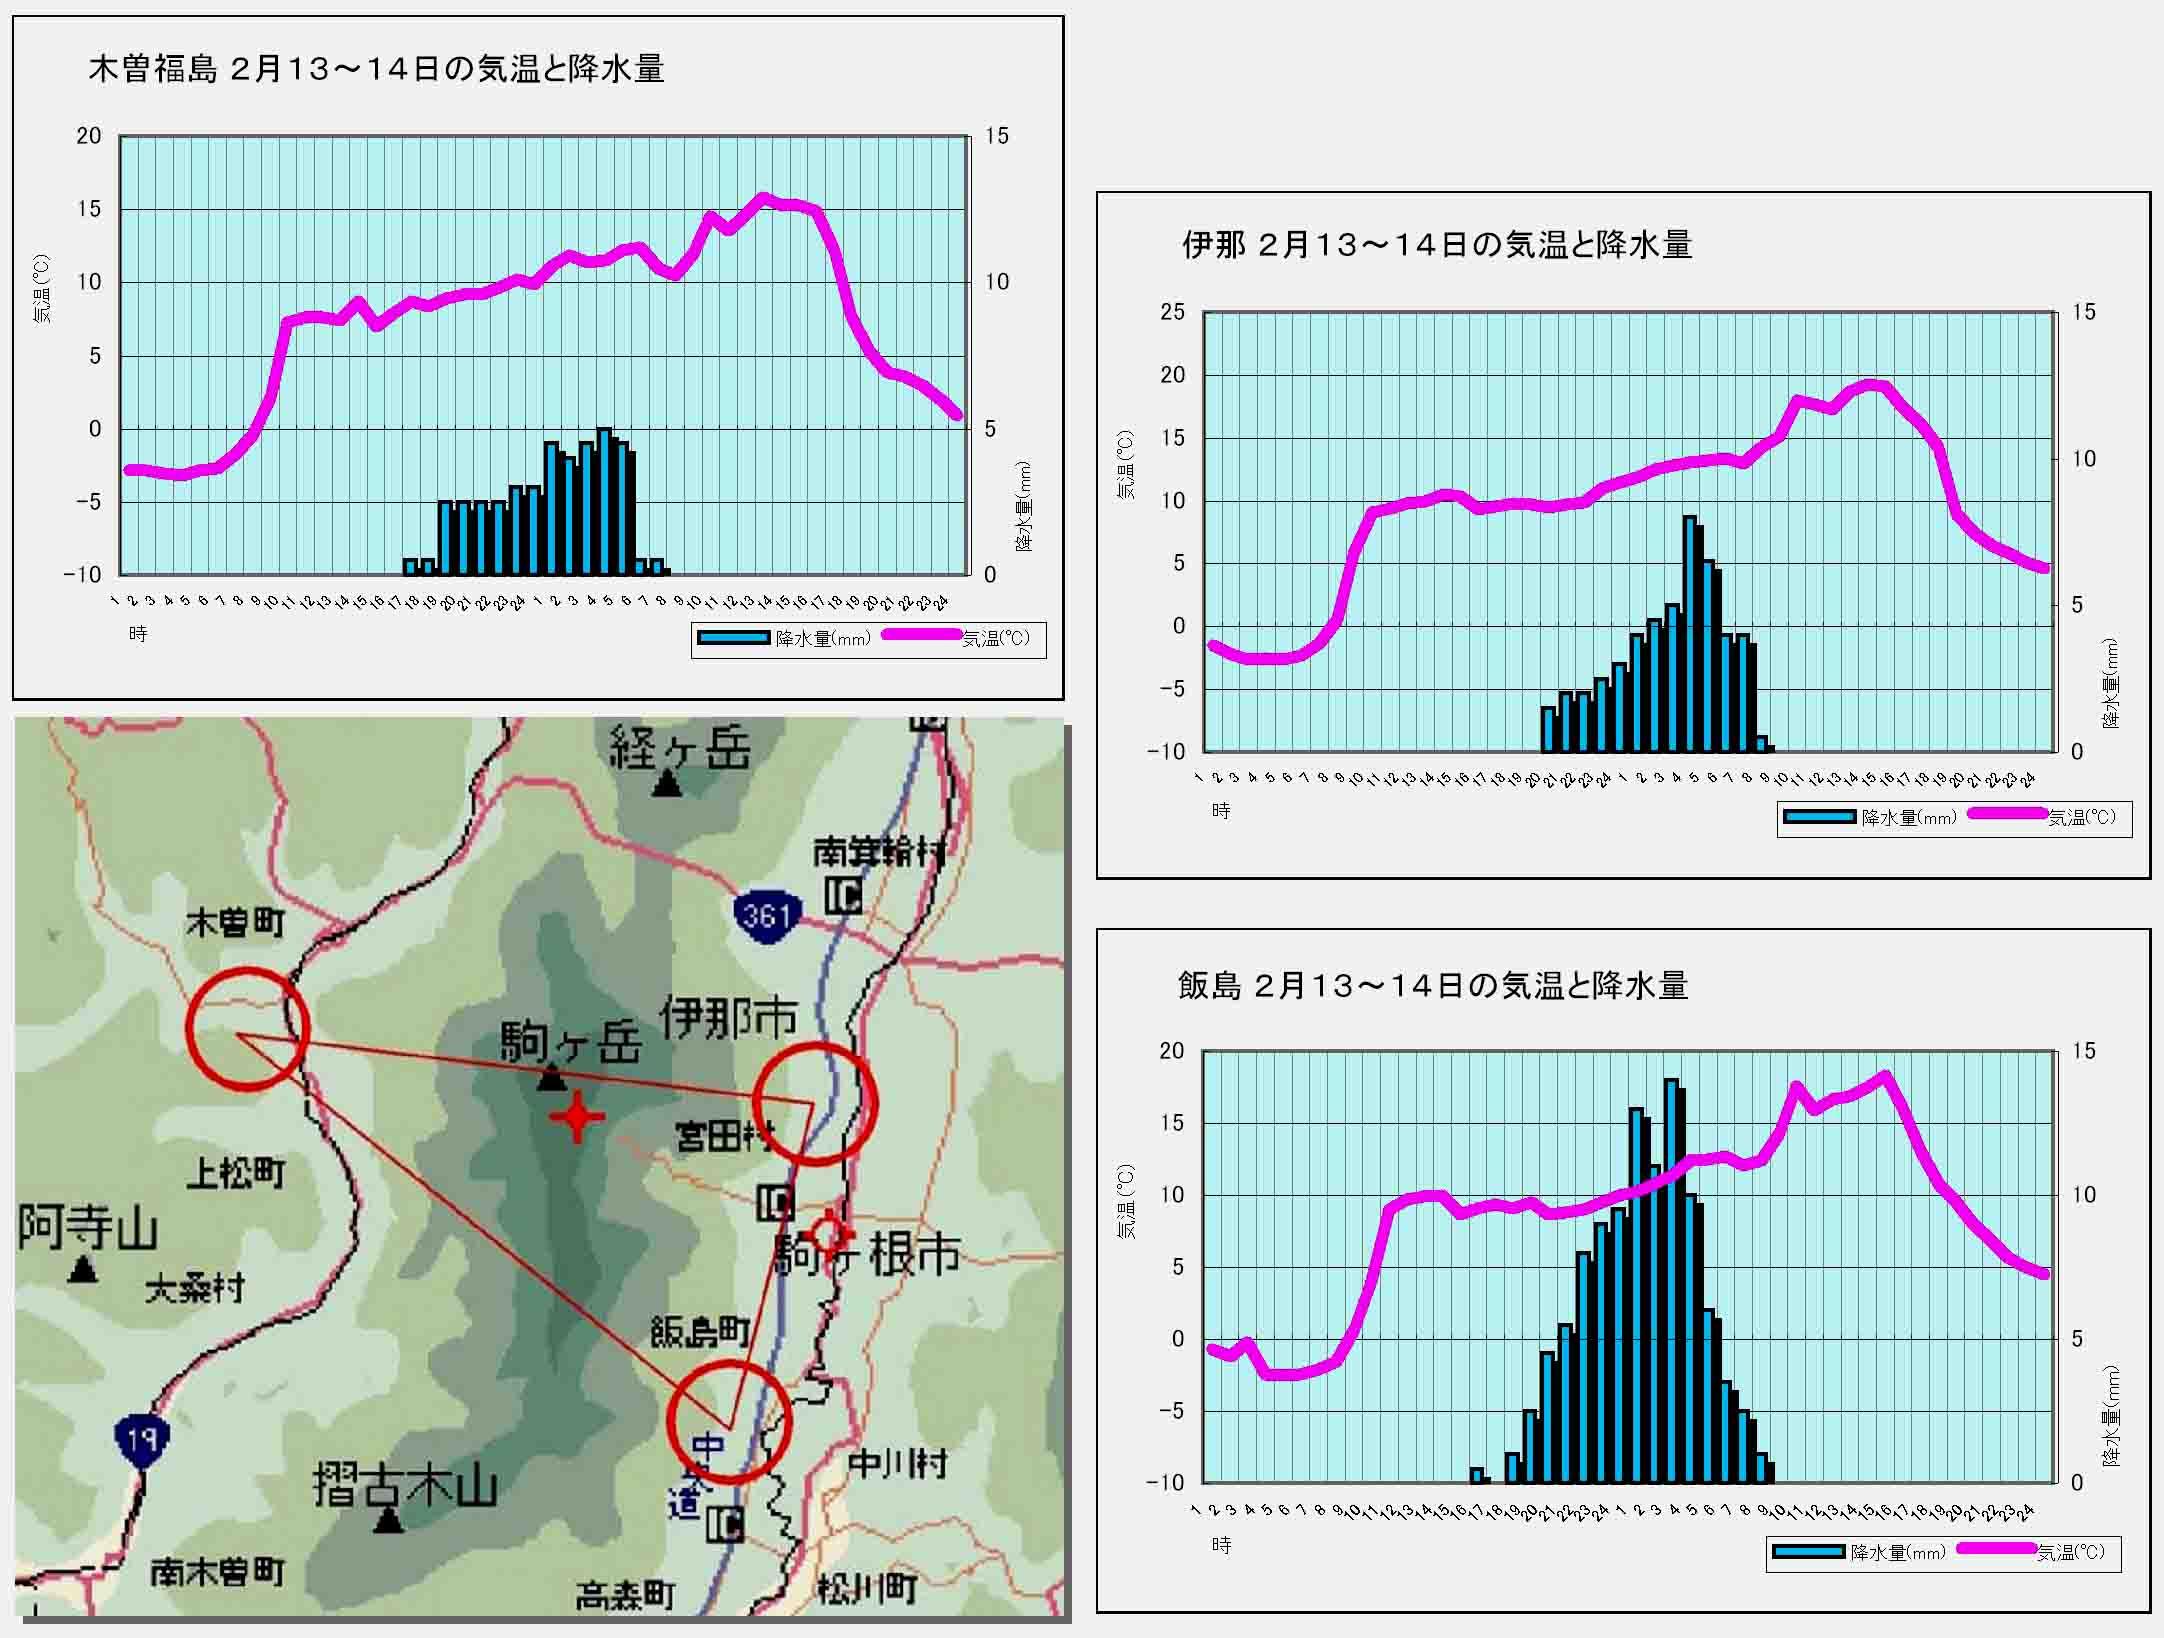 宝剣周辺の気象データグラフ